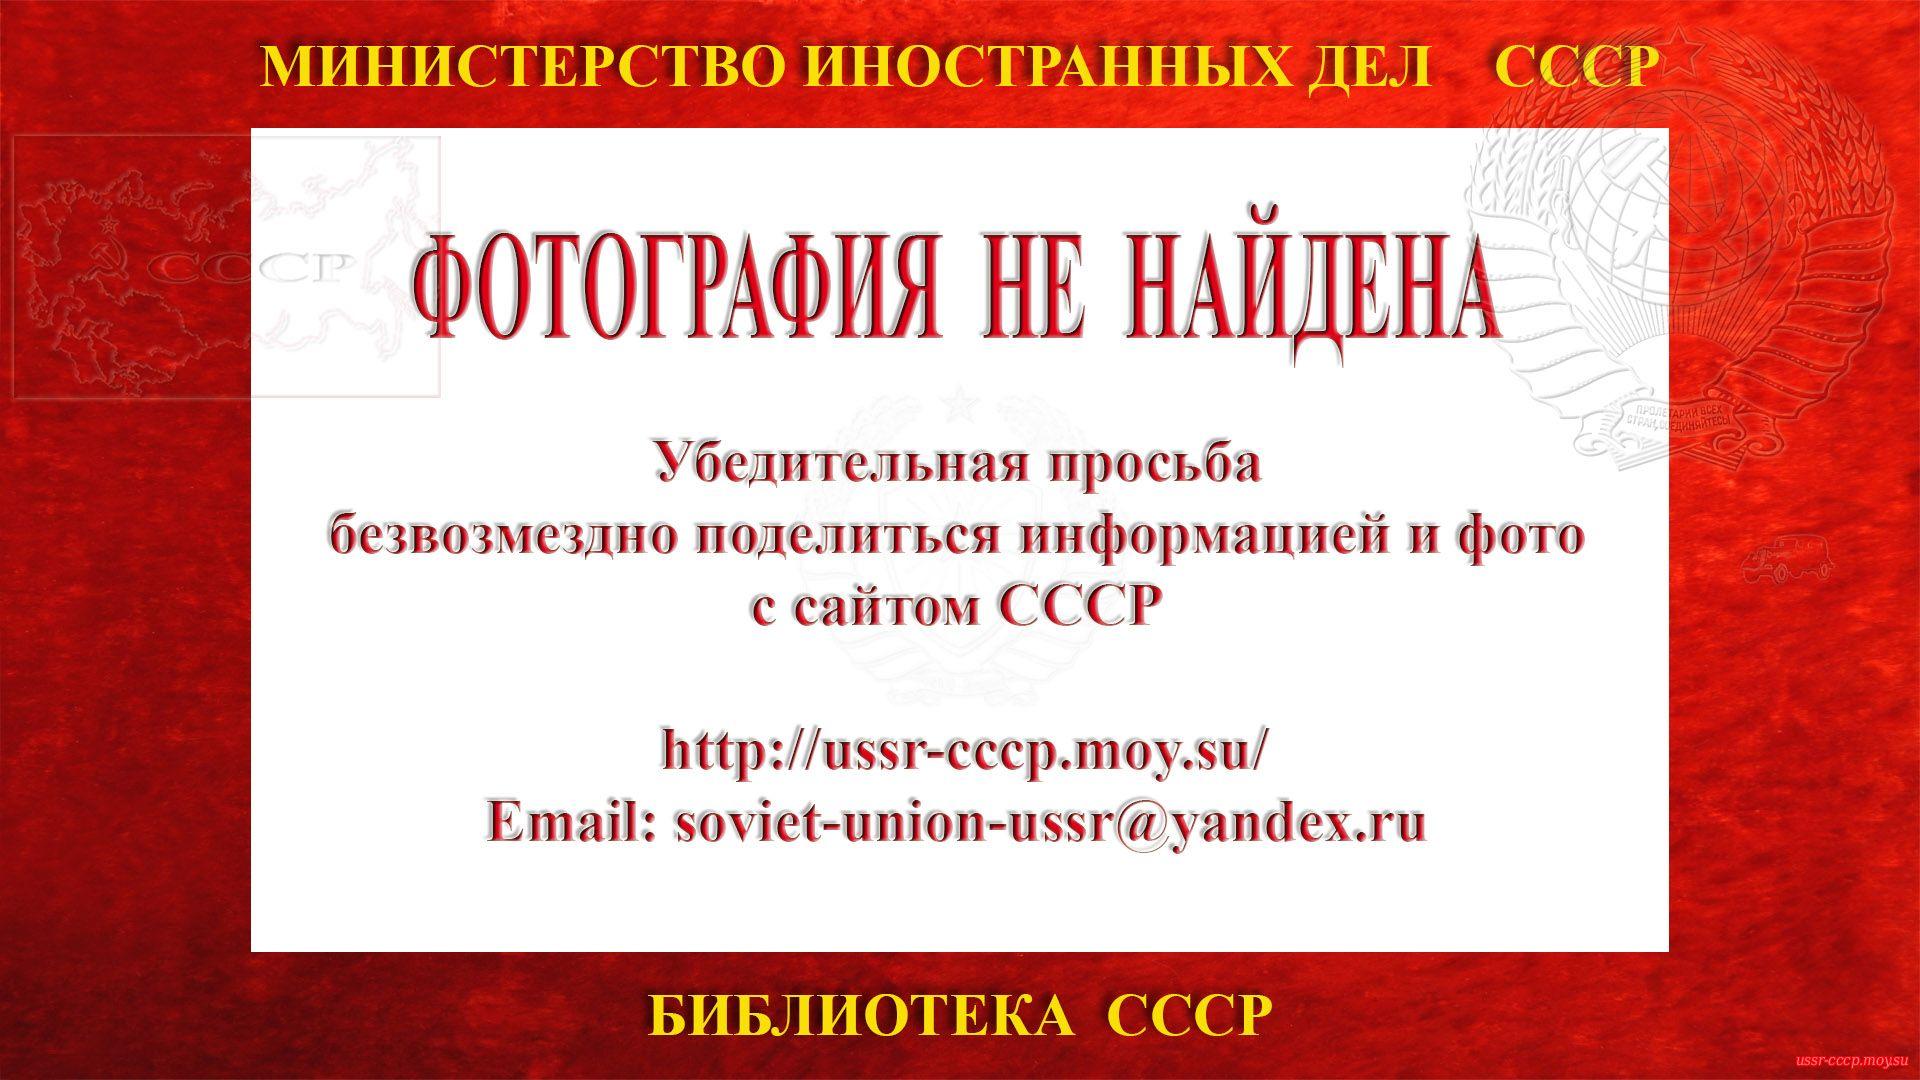 Научно-техническая библиотека — МИД СССР (повествование)